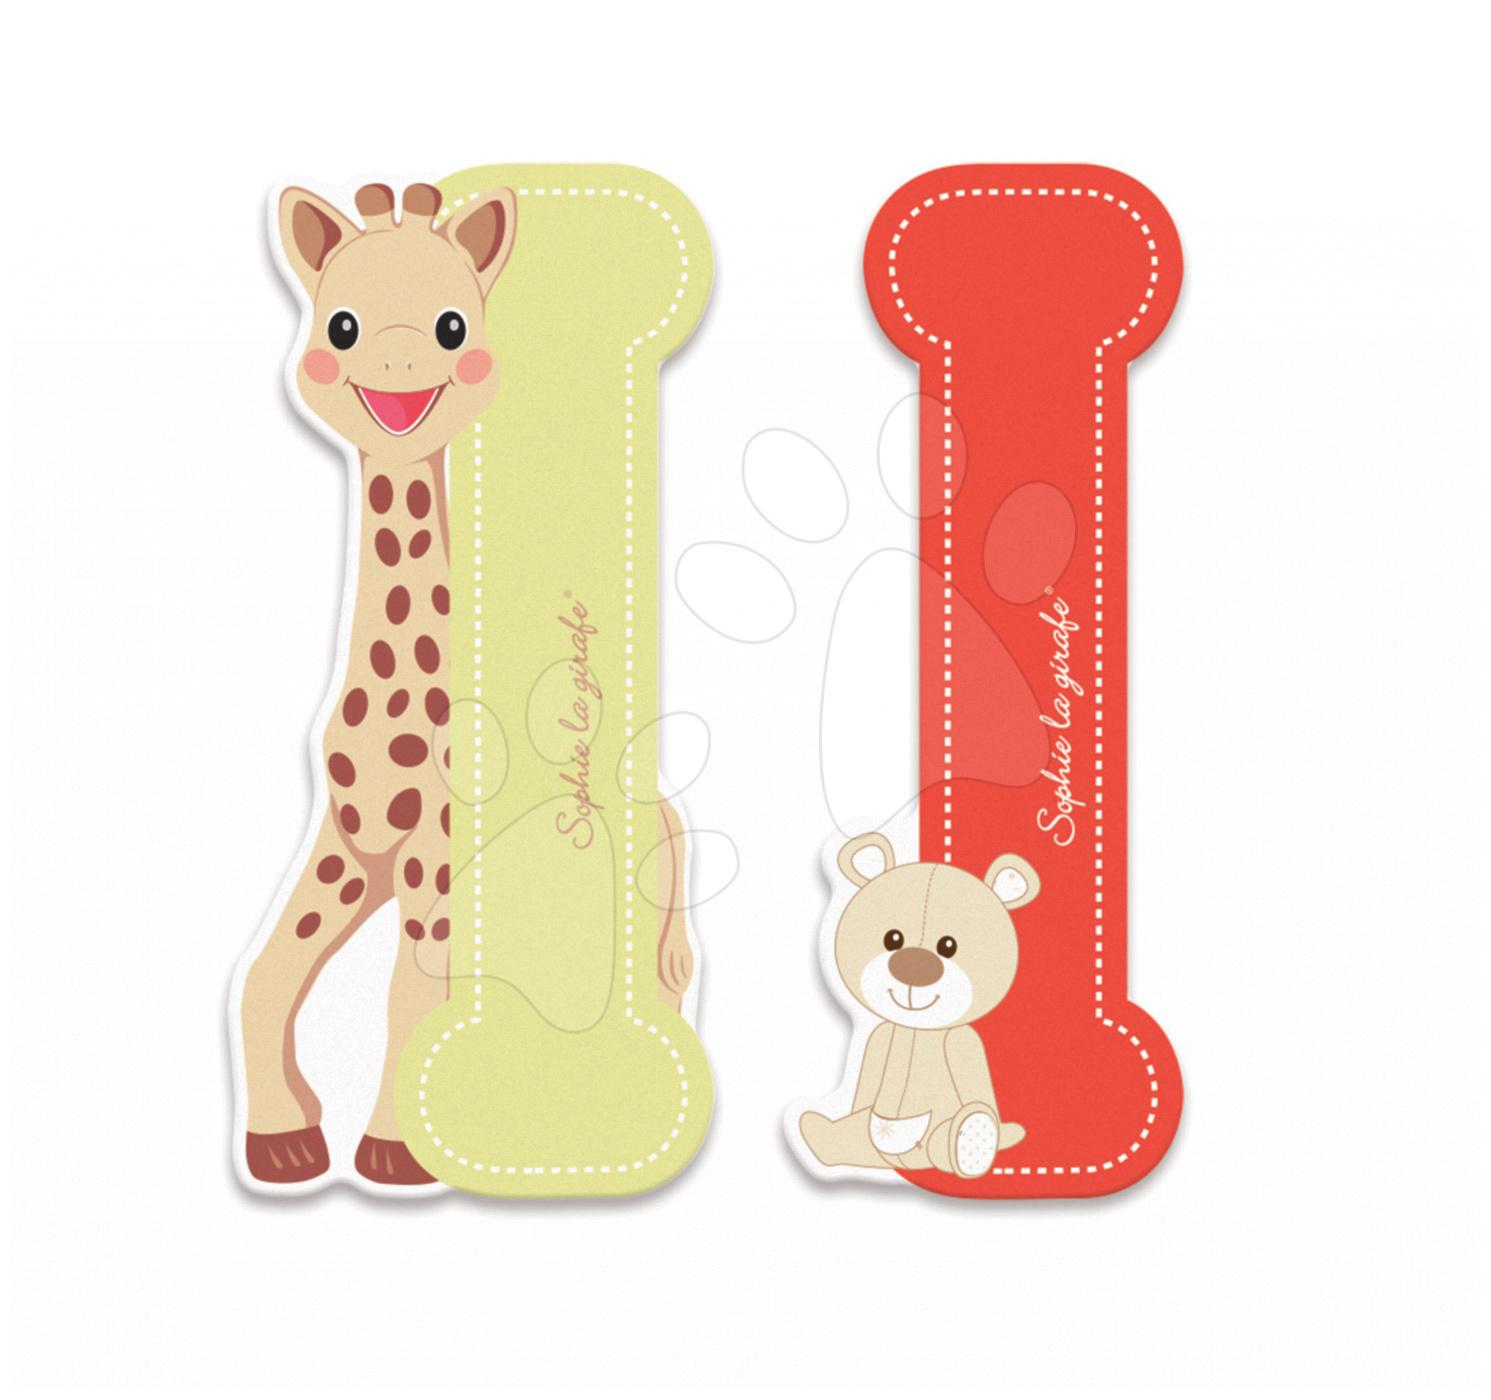 Dekorácie do detských izieb - Drevené písmeno I Sophie The Giraffe Janod lepiace 7 cm béžové/červené od 3 rokov